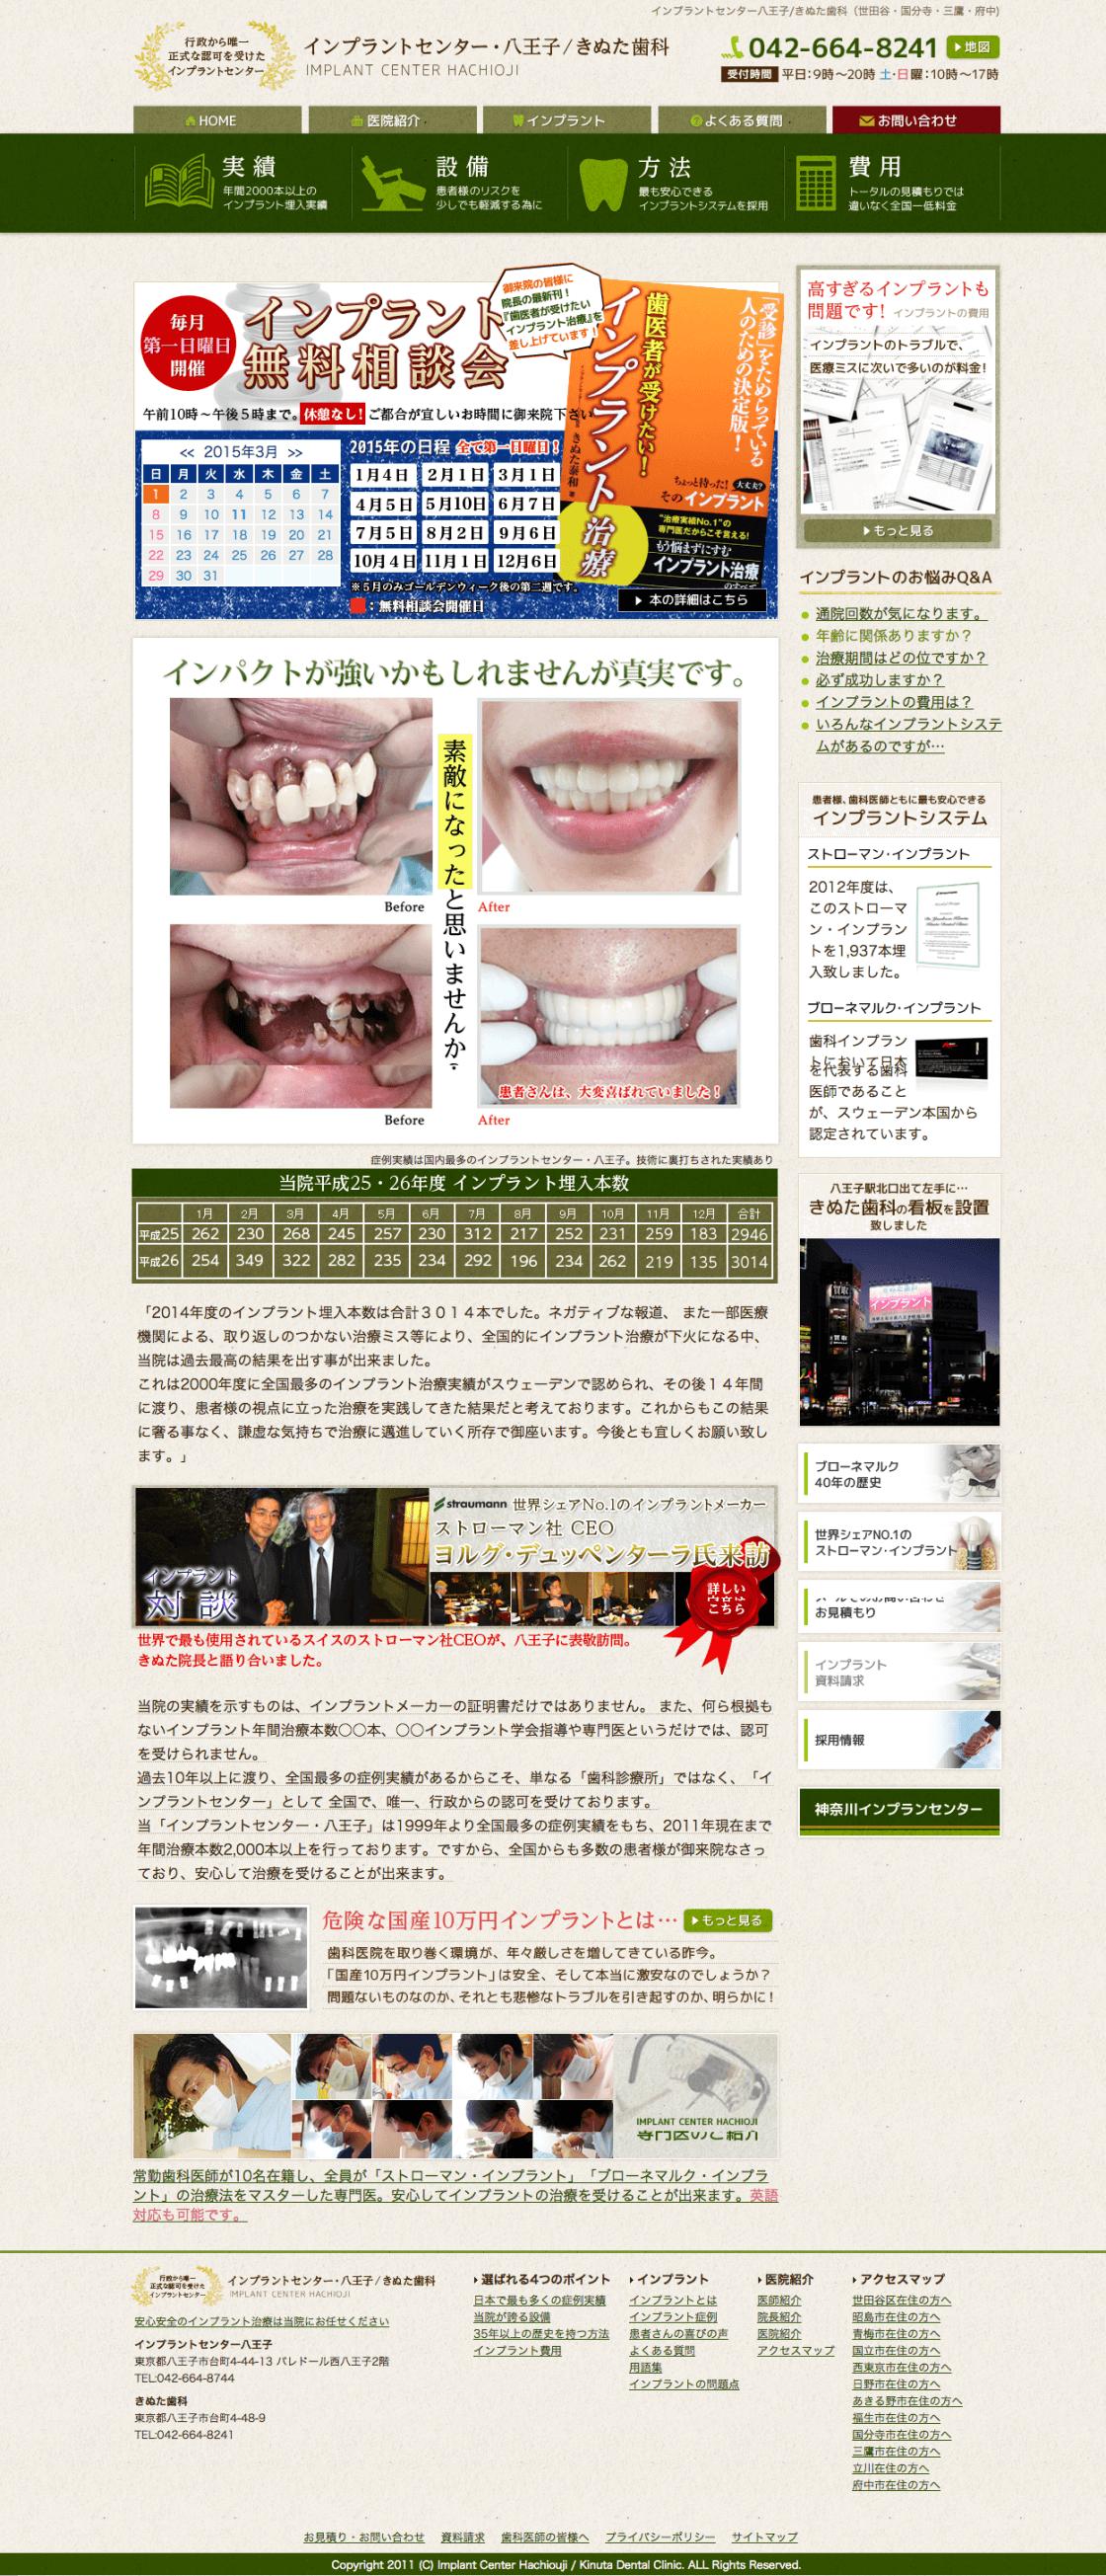 implant_01-1120x2609